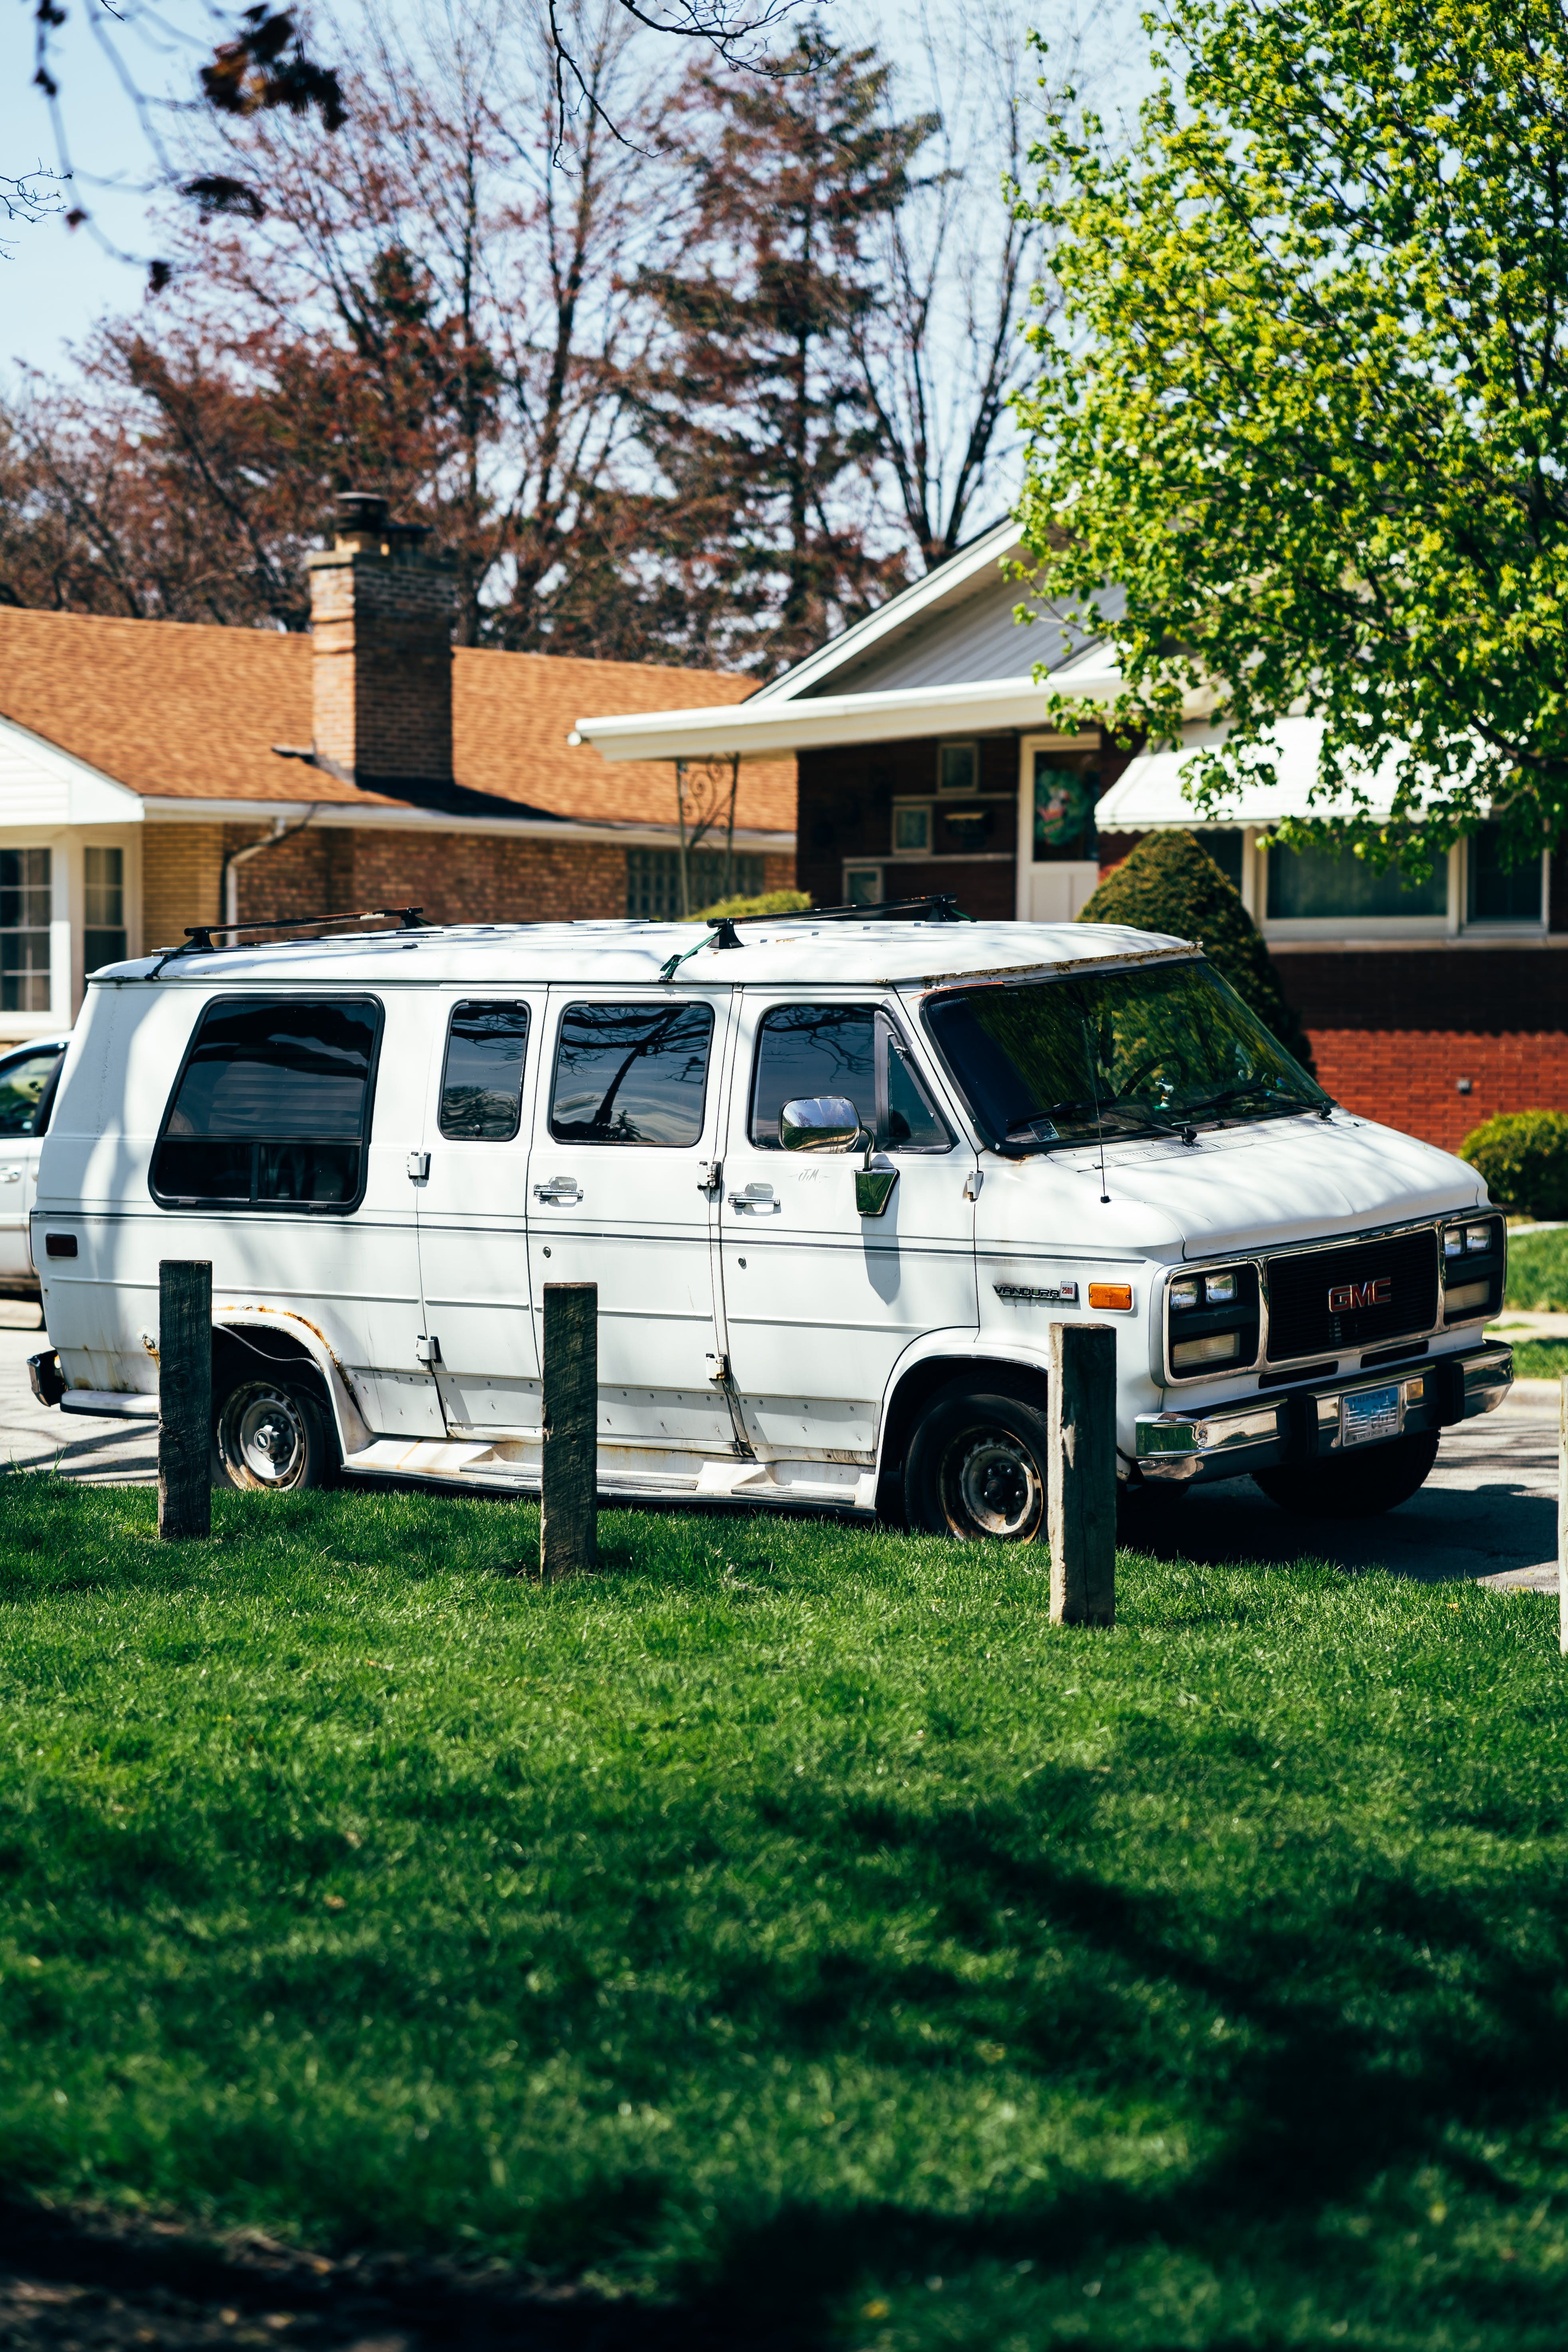 gmac, 경치, 교통체계, 나무의 무료 스톡 사진